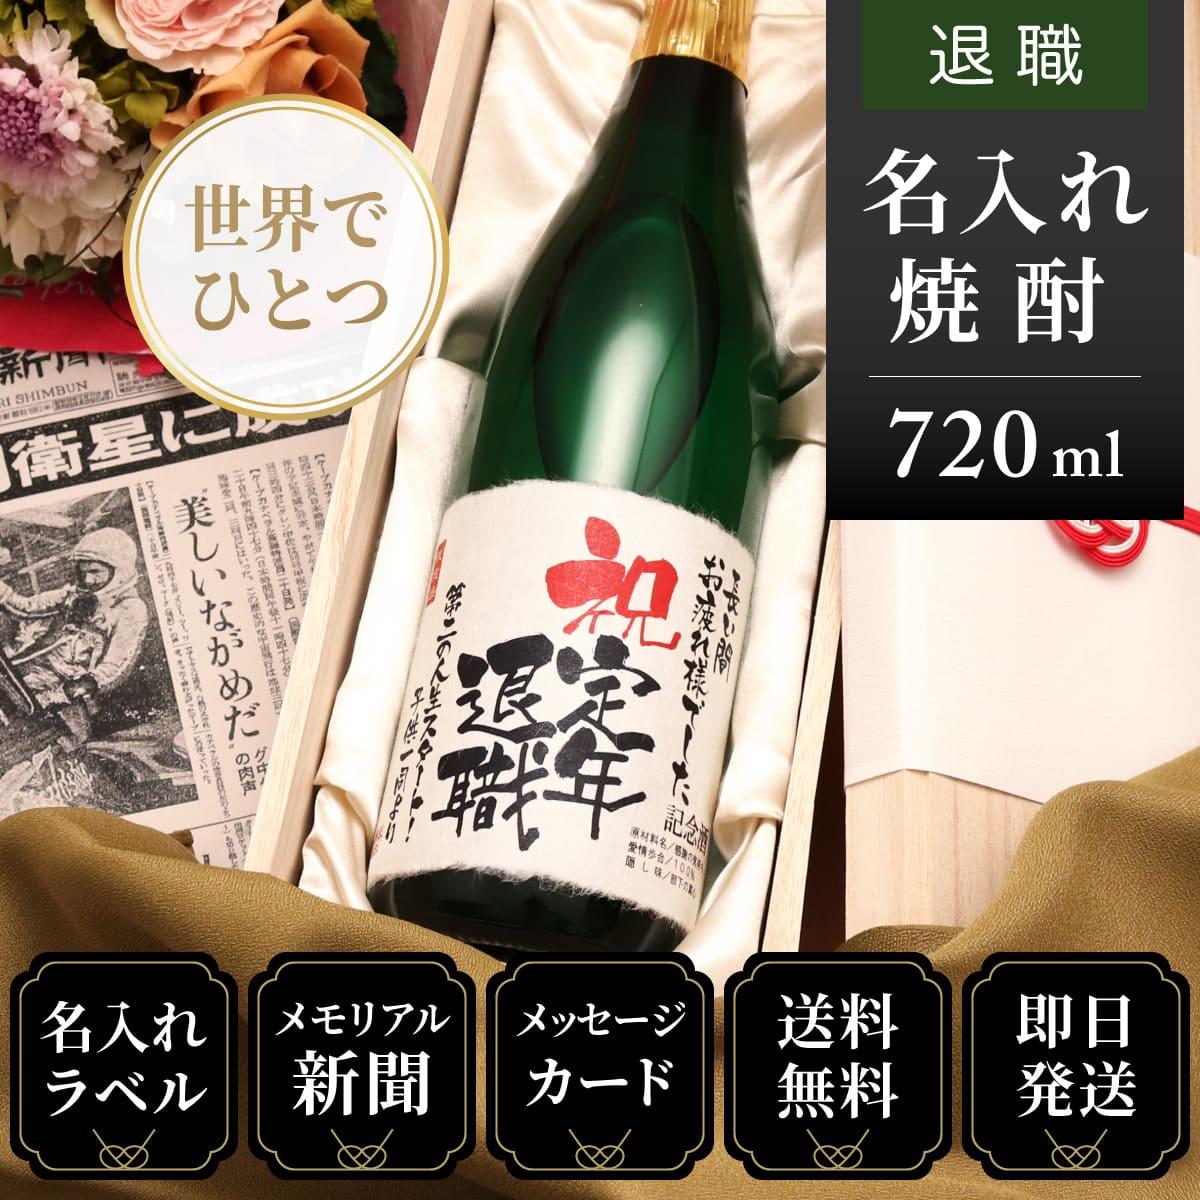 退職祝いのプレゼント「華乃蕾」上司向けギフト(酒粕焼酎)